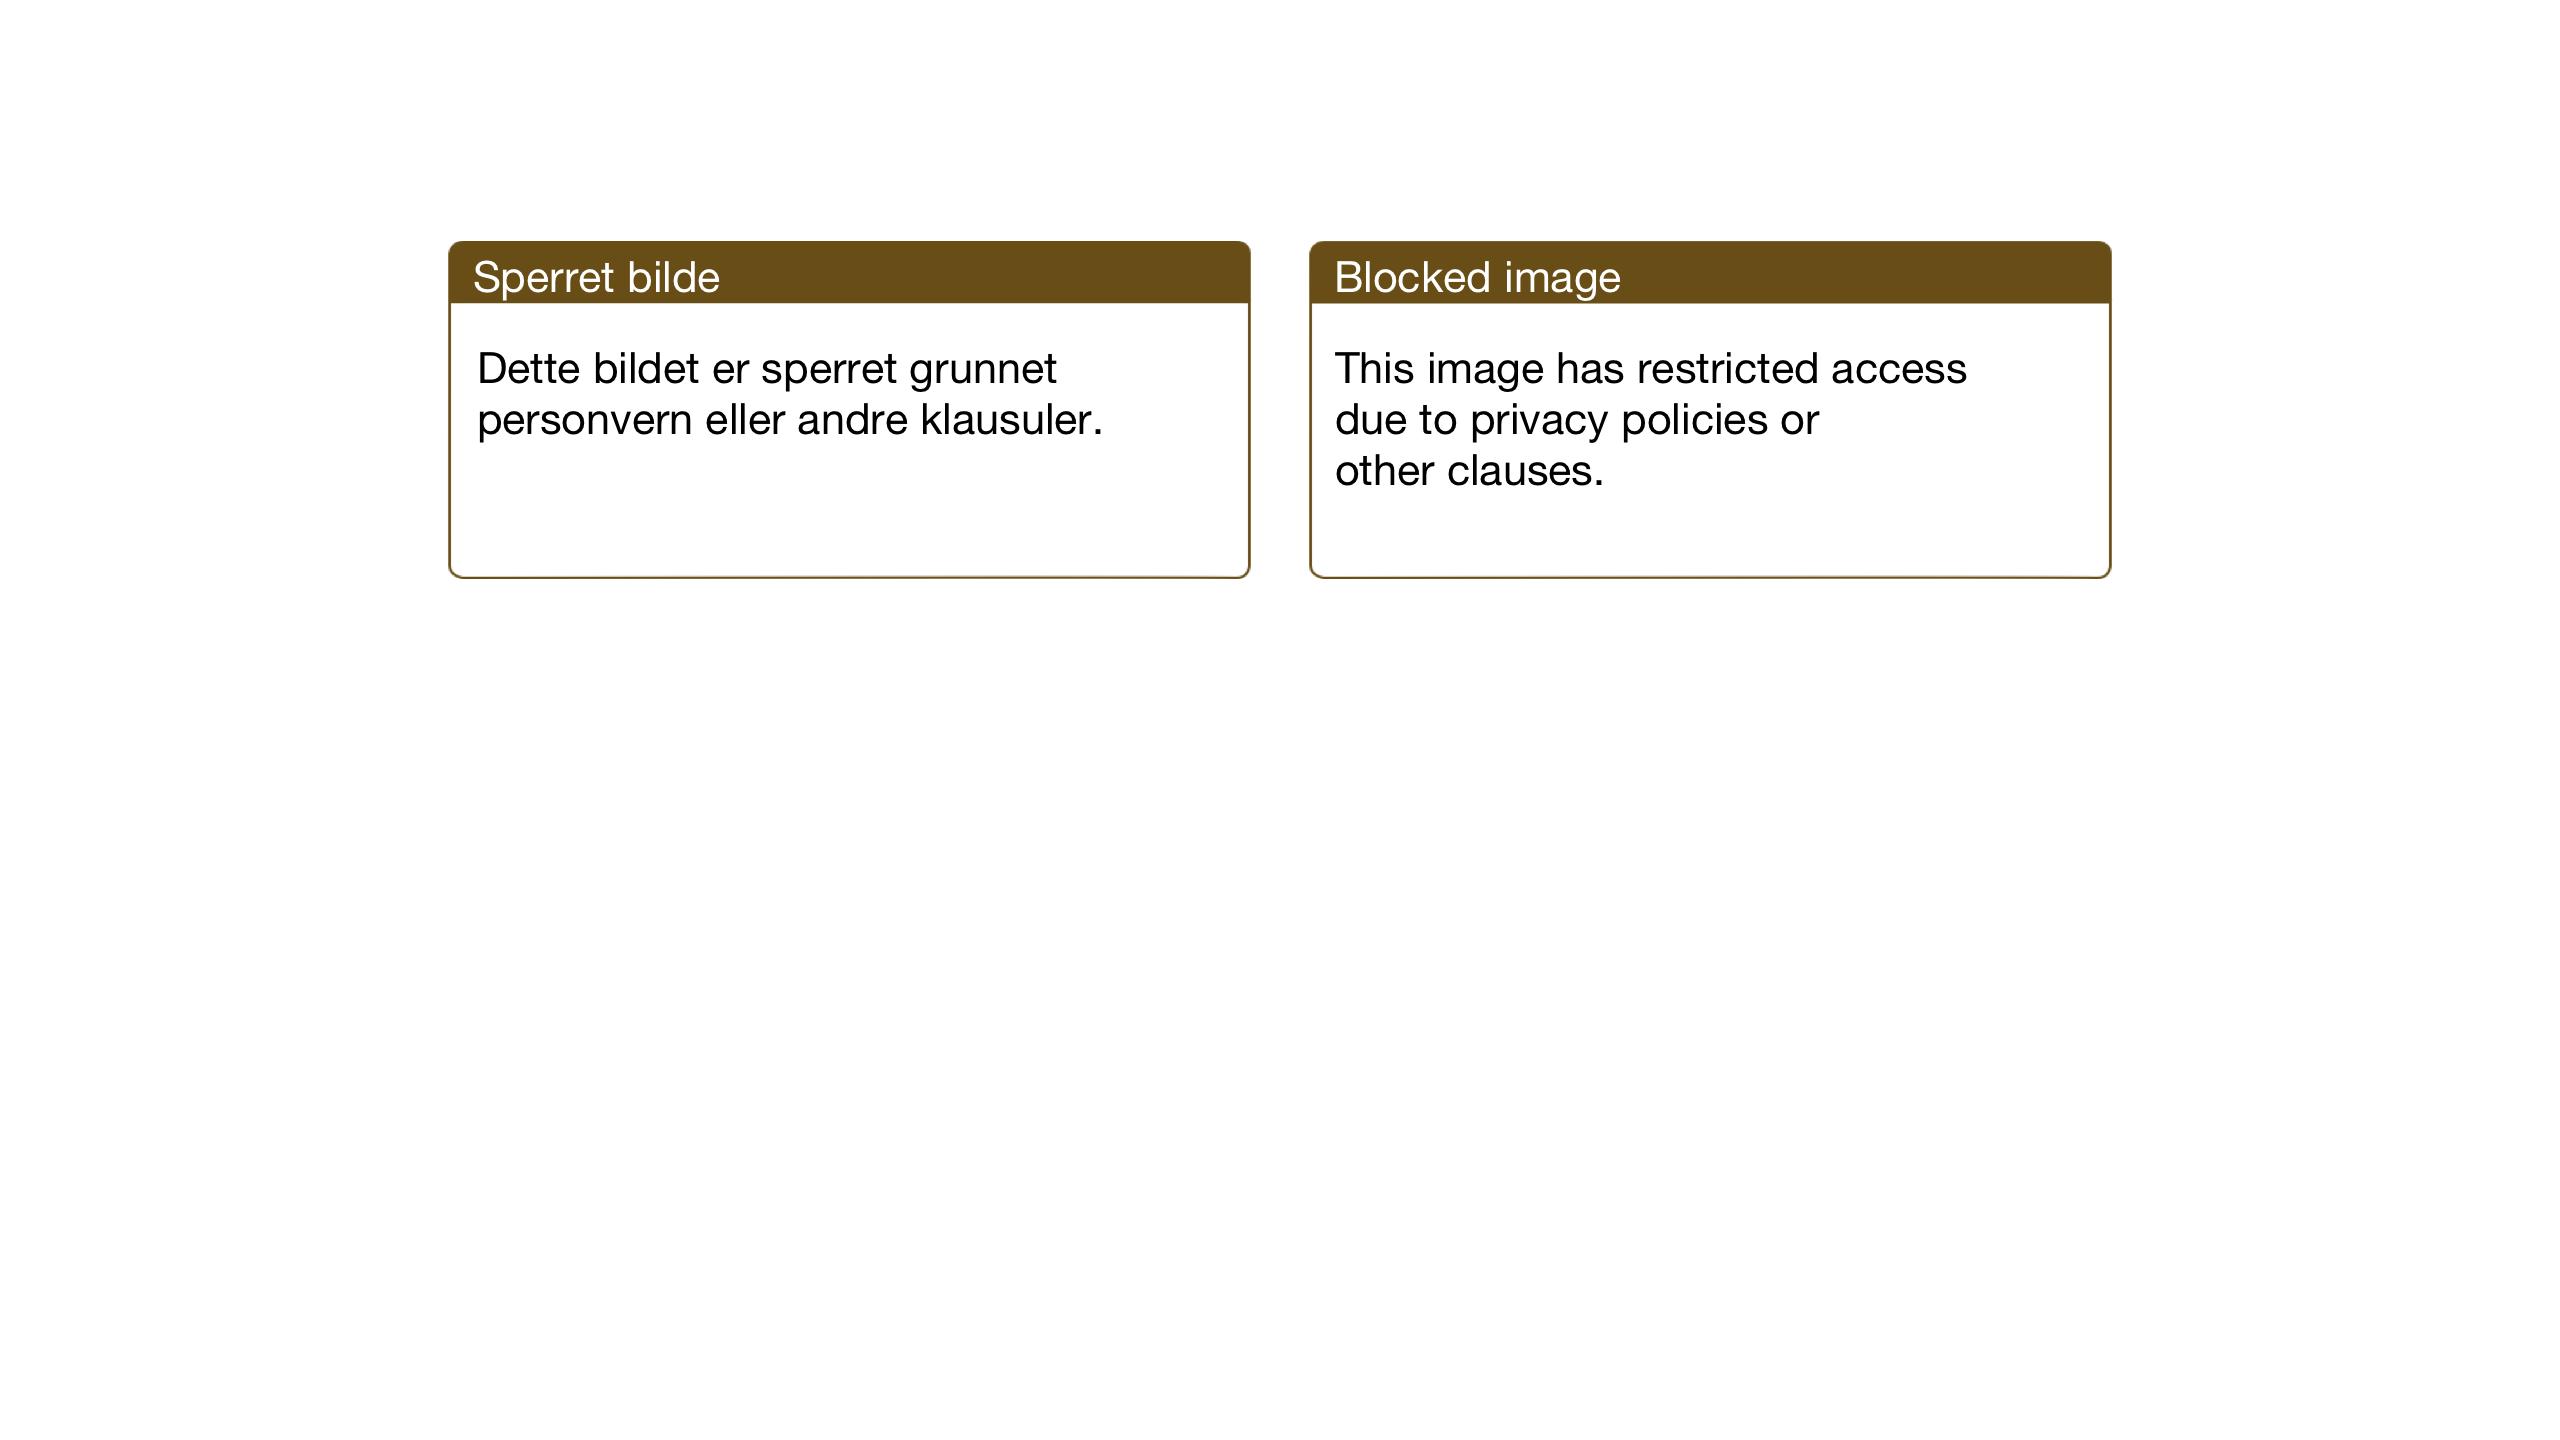 SAT, Ministerialprotokoller, klokkerbøker og fødselsregistre - Nord-Trøndelag, 721/L0209: Klokkerbok nr. 721C02, 1918-1940, s. 72